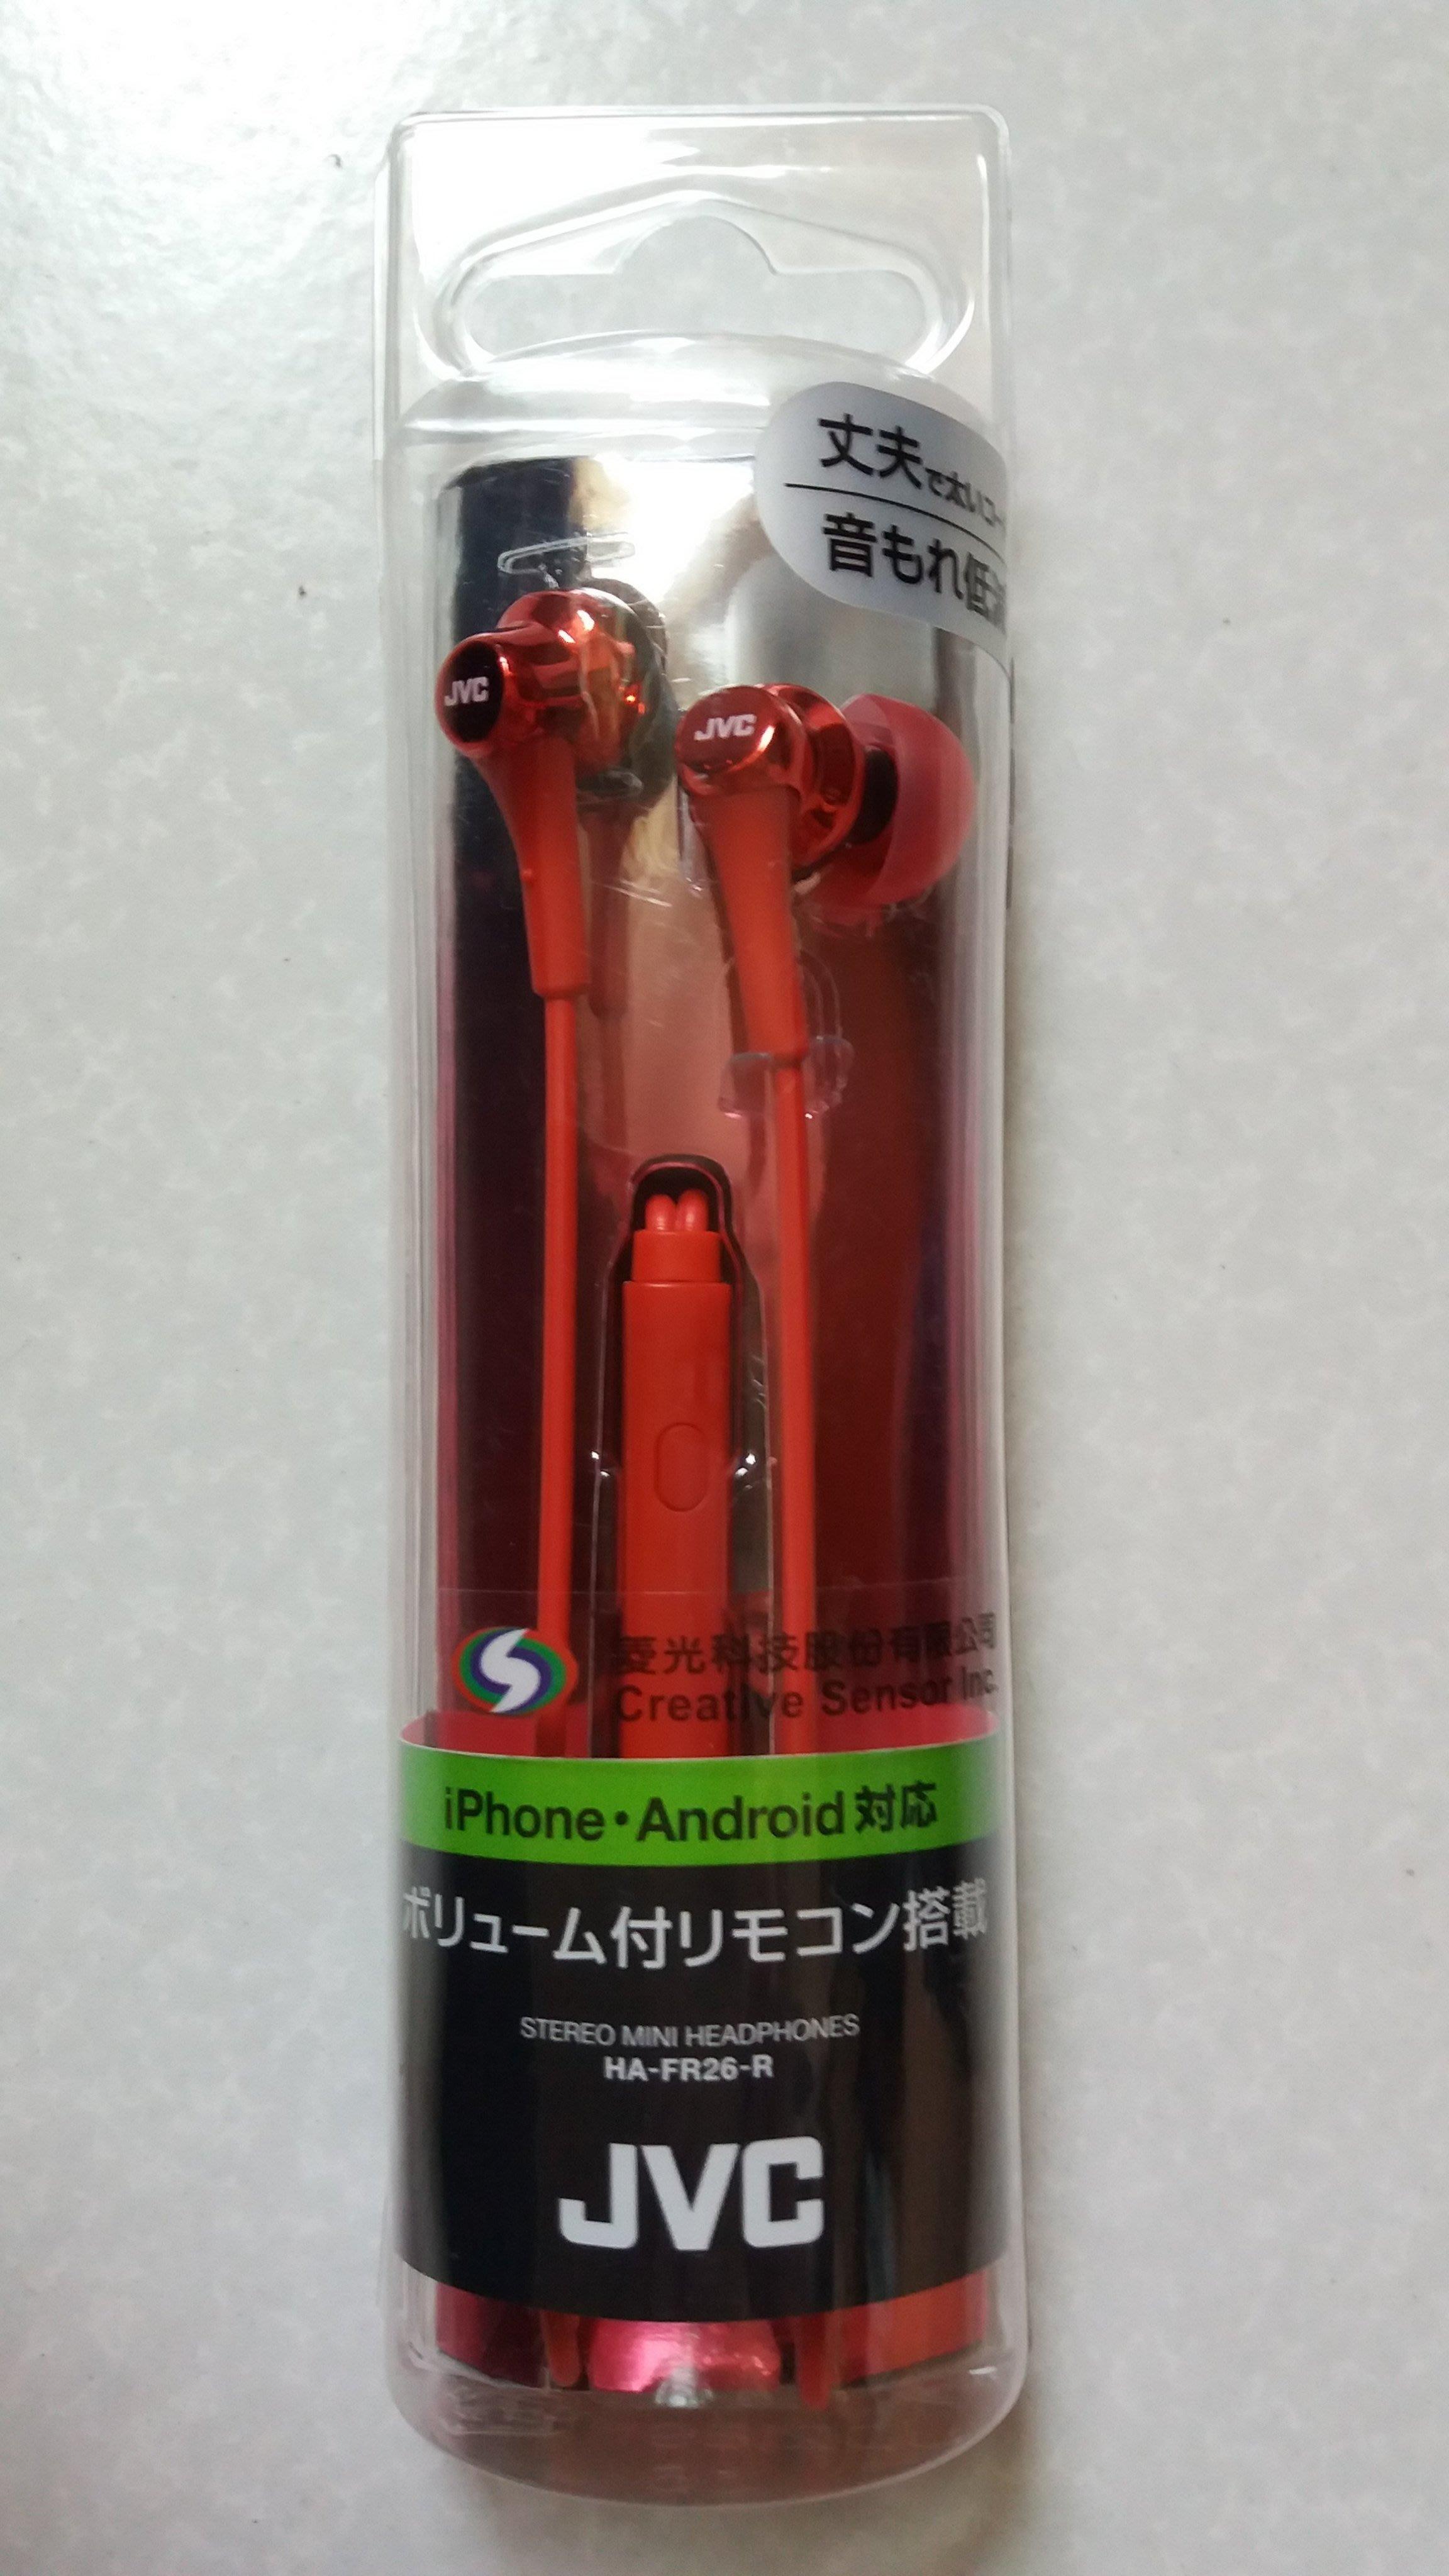 JVC HA-FR26  繽紛多彩入耳式耳機 大特價一個只要350元~(顏色隨機)附保證書~數量有限~要買要快哦~